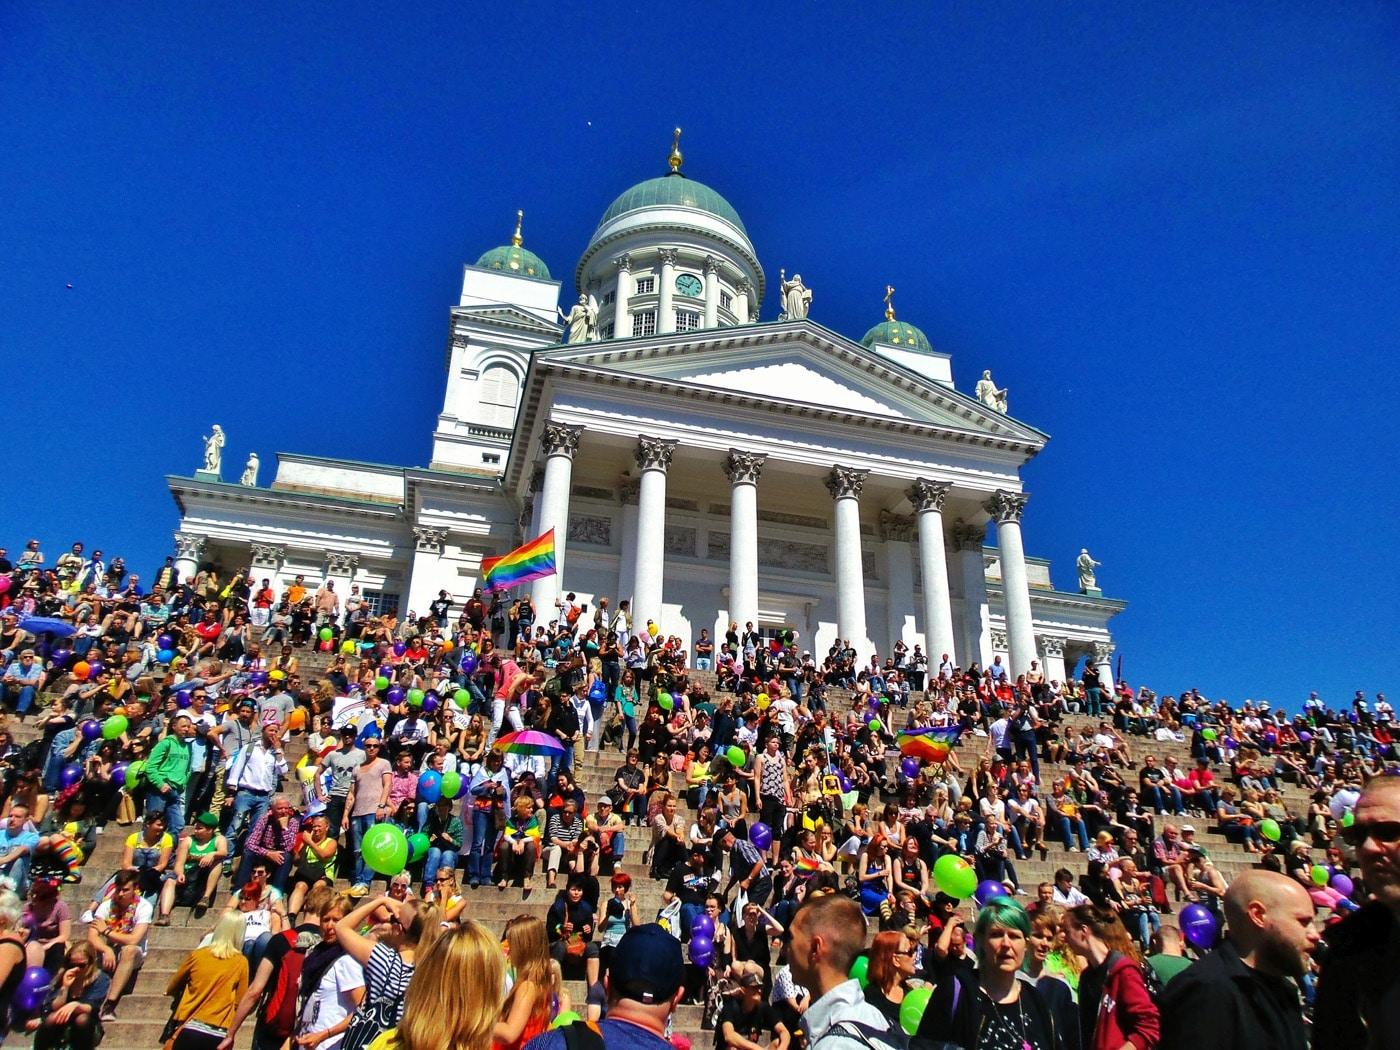 Helsinki Pride